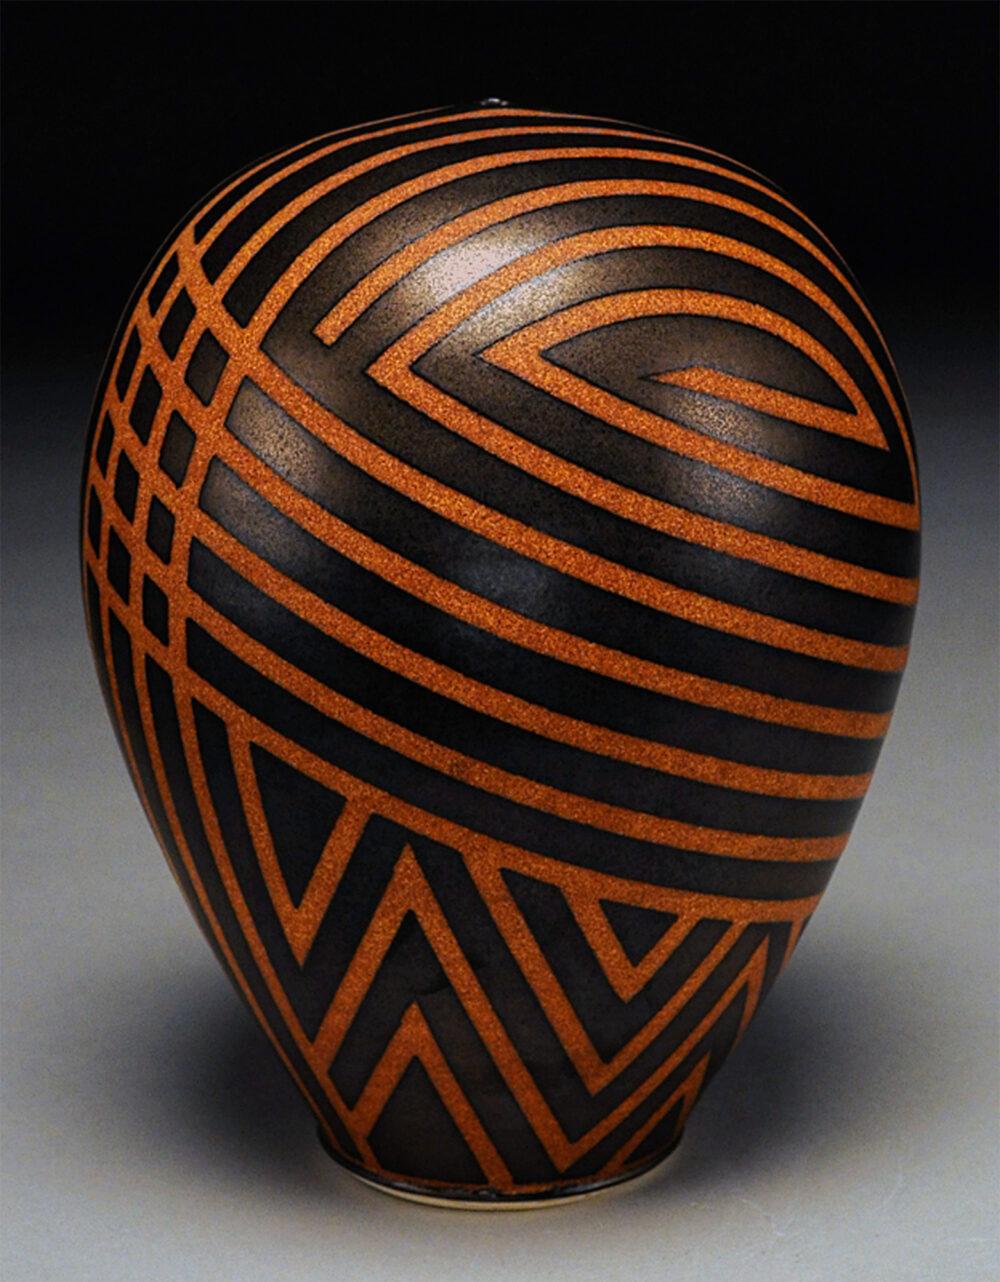 Nicholas Bernard - Golden Striped Bottle